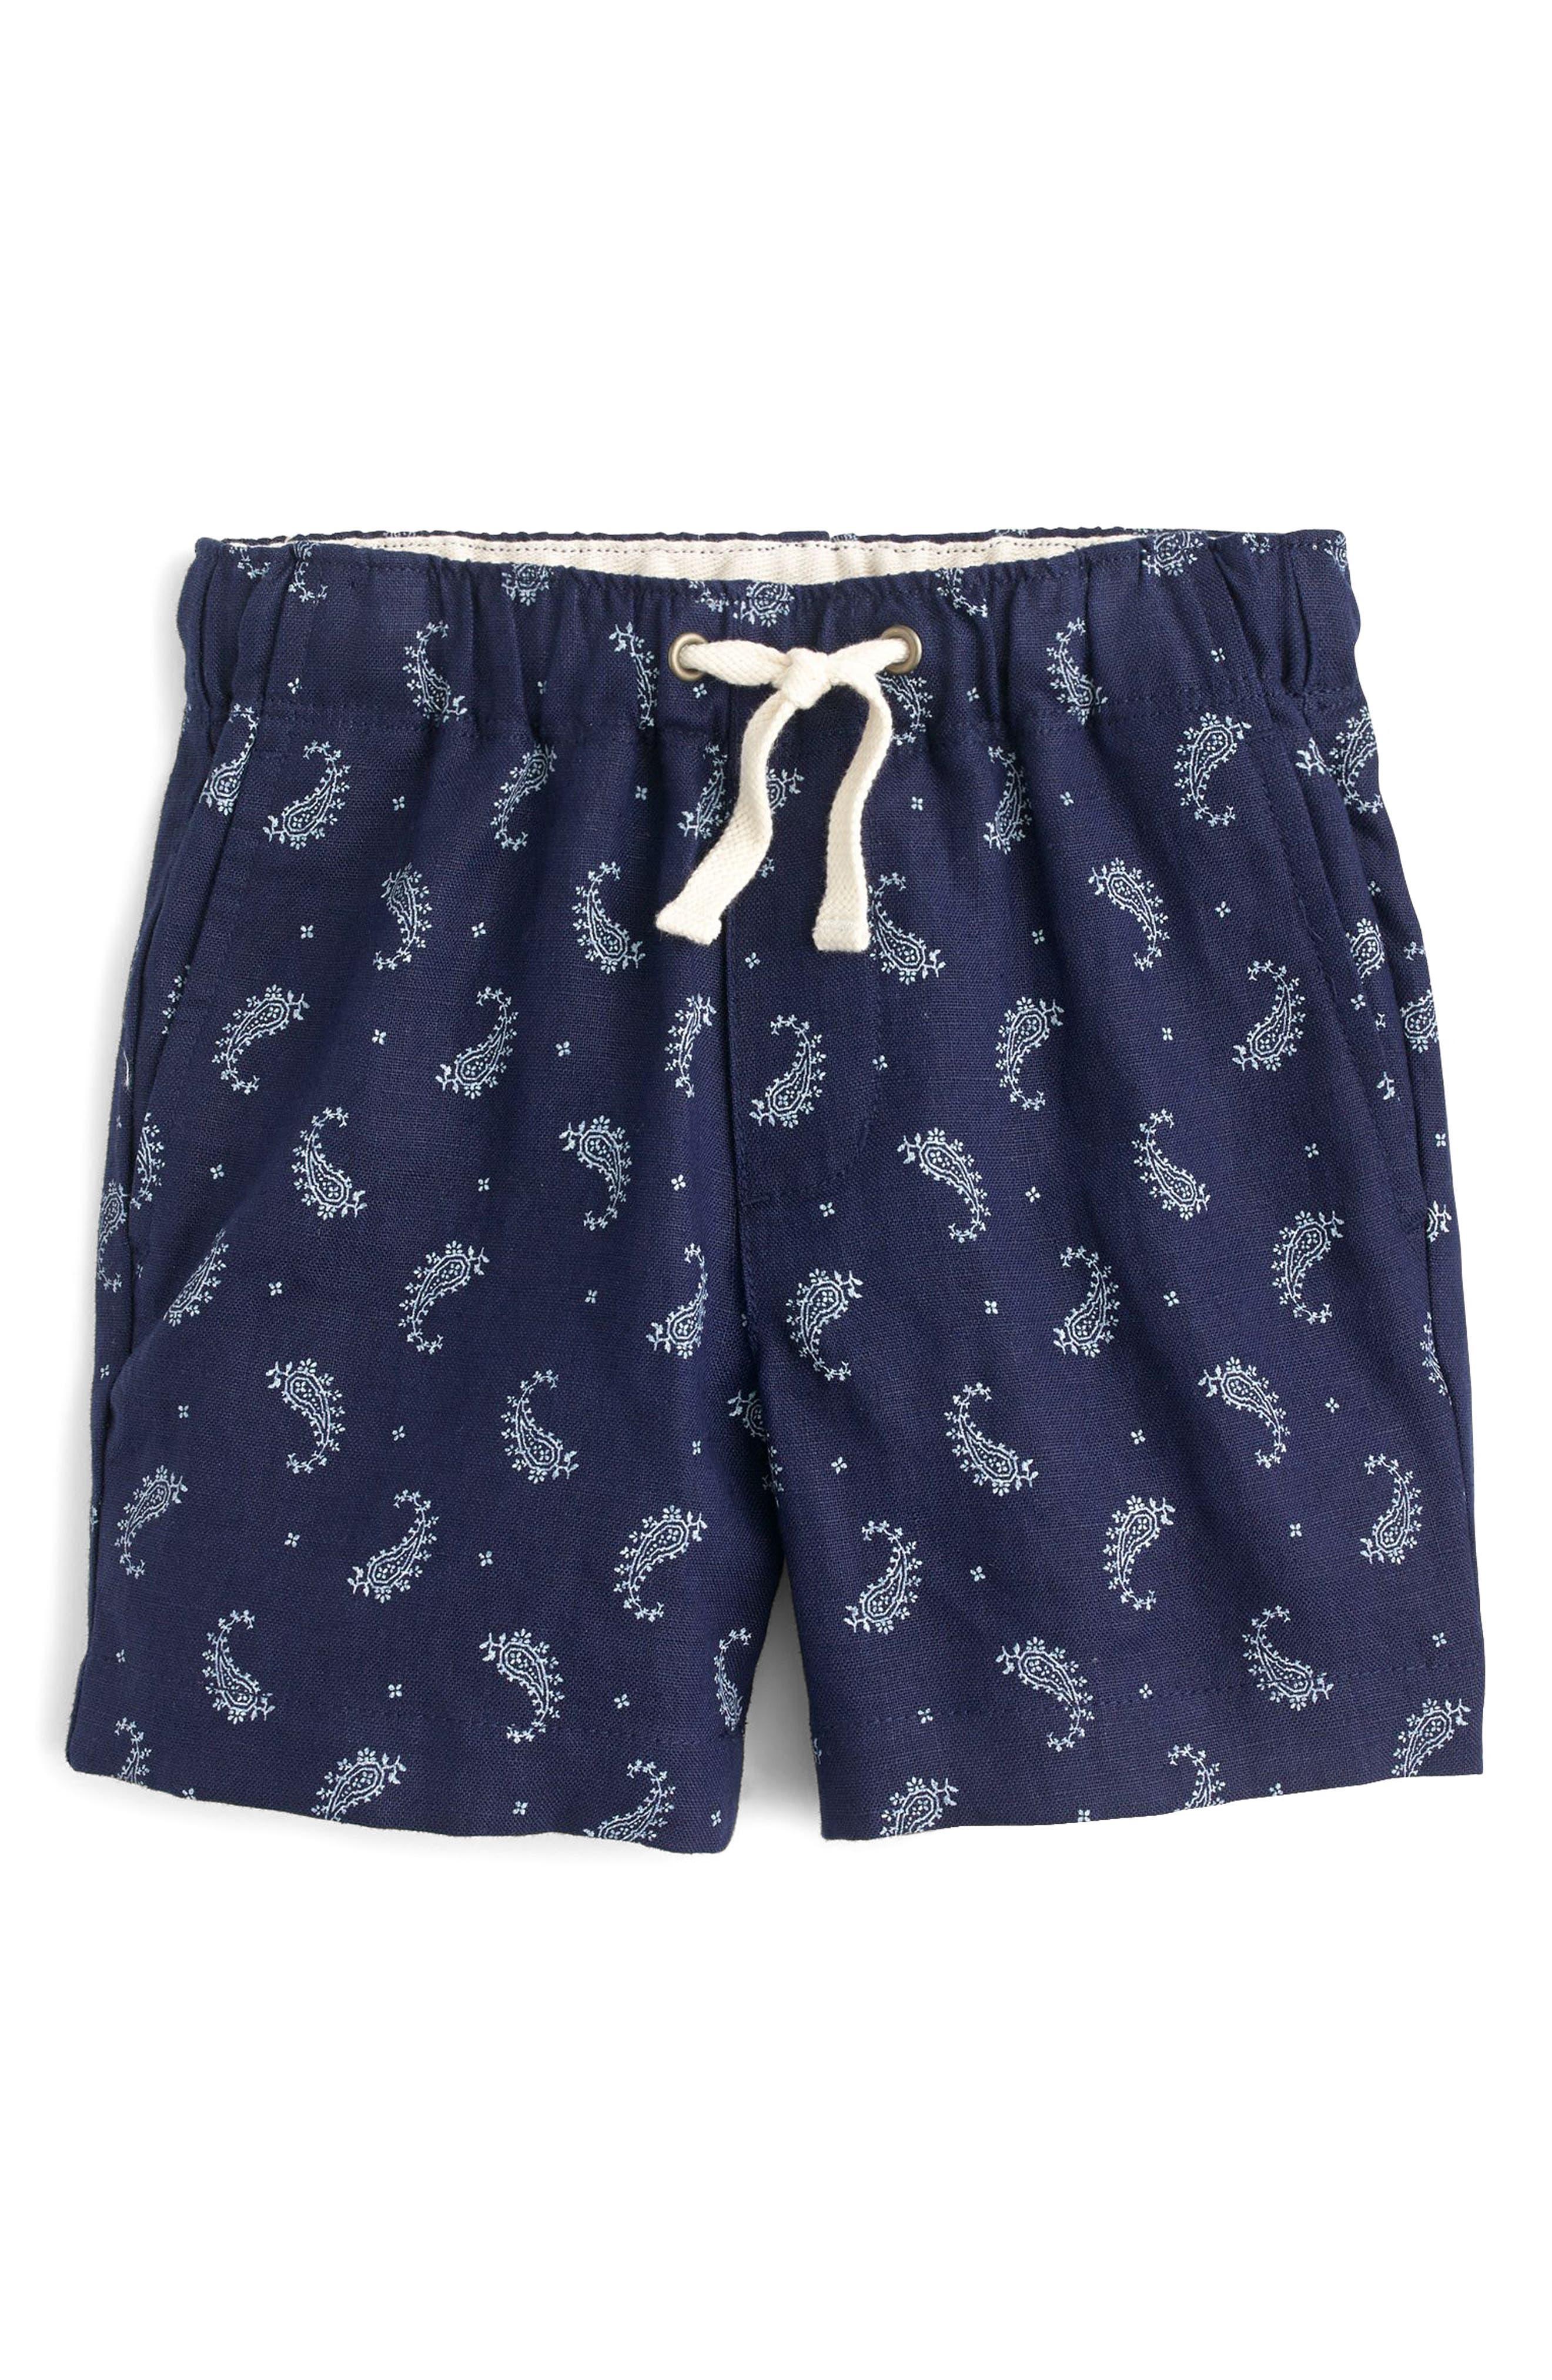 Paisley Dock Shorts,                         Main,                         color, 400